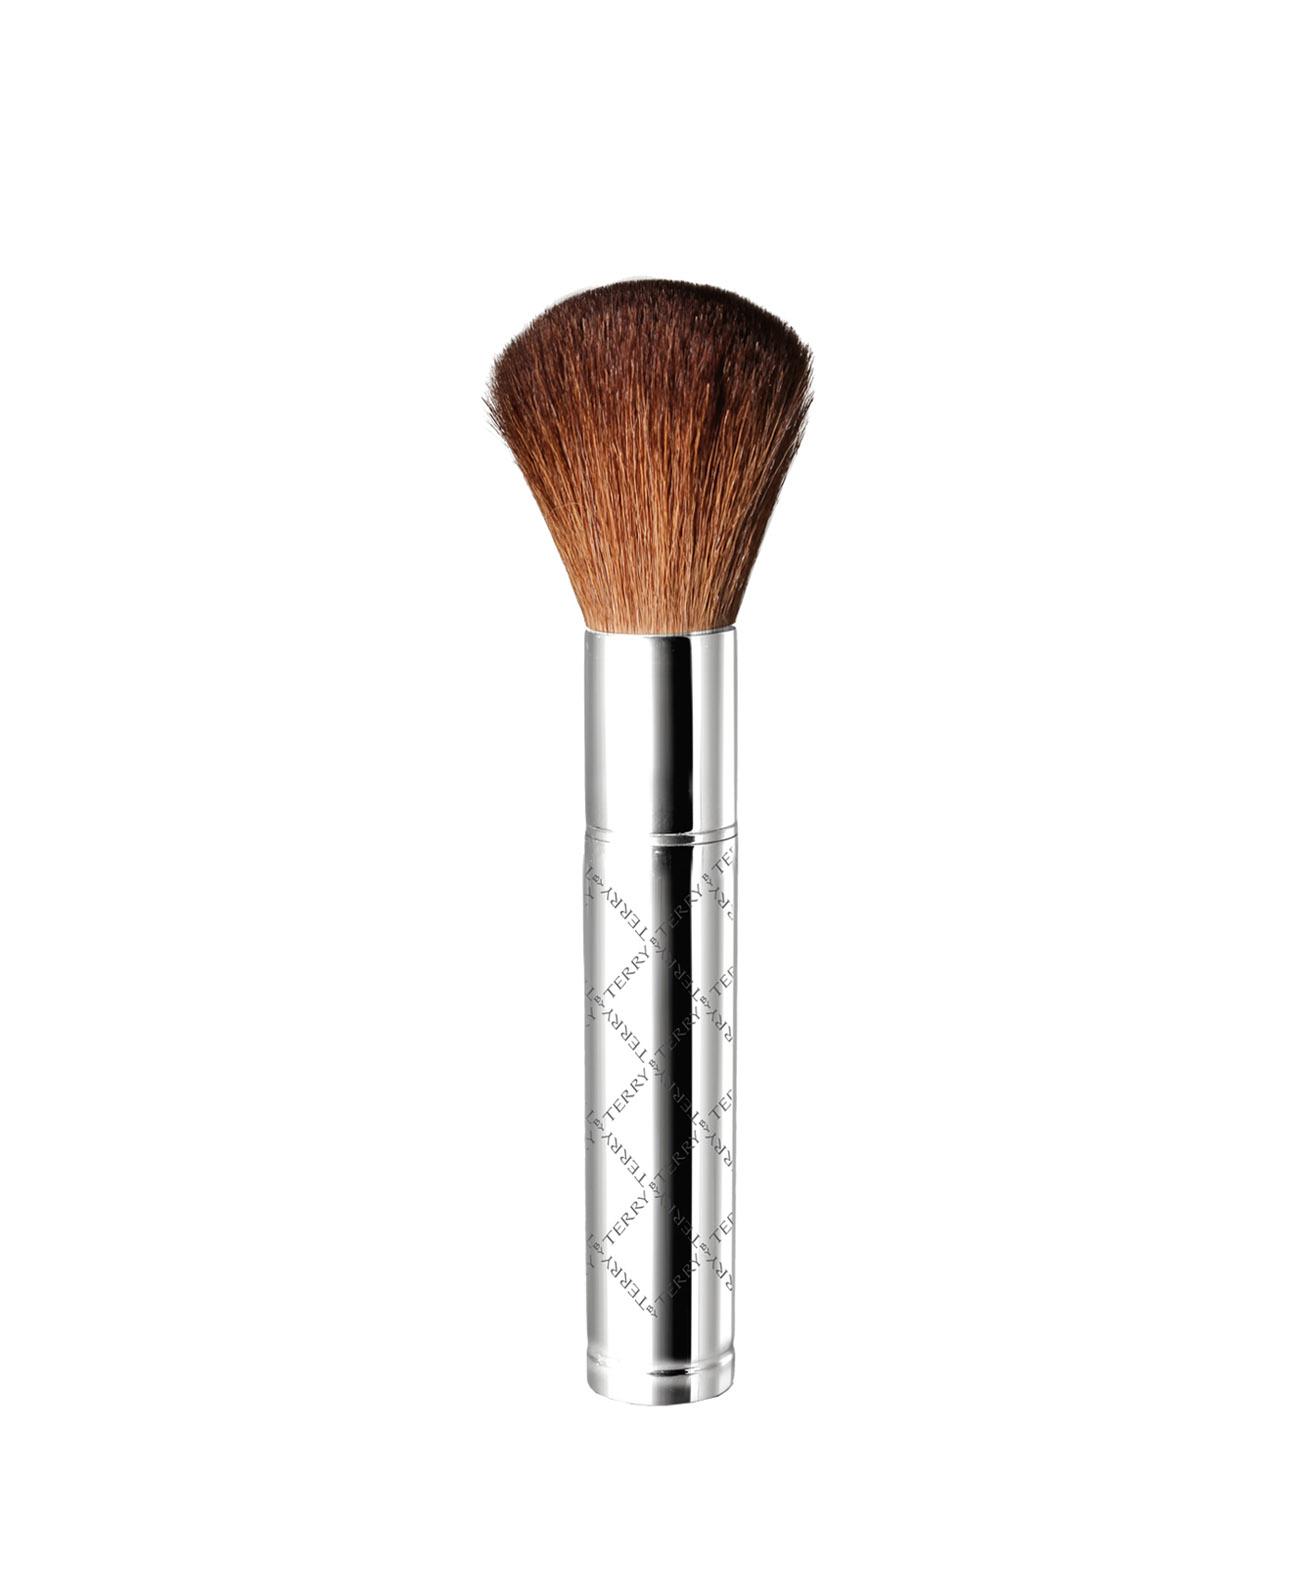 1-All-over-Powder-Brush-Dome-1-pennello-da-cipria-Linea-accessori-makeup-professionali-By-Terry-Dispar-SpA.jpg